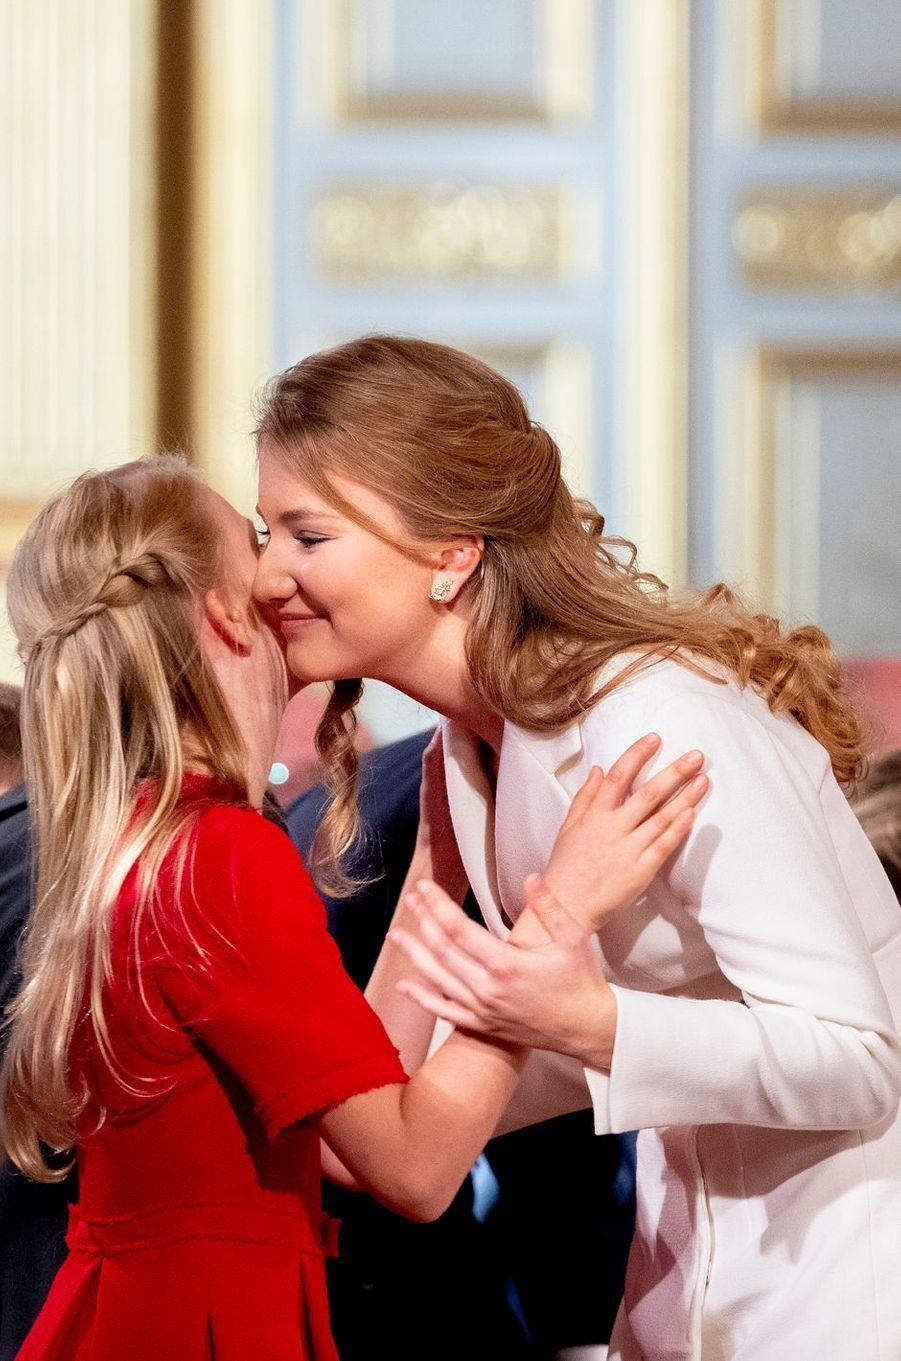 La princesse Elisabeth de Belgique avec sa petite soeur la princesse Eléonore à Bruxelles, le 25 octobre 2019